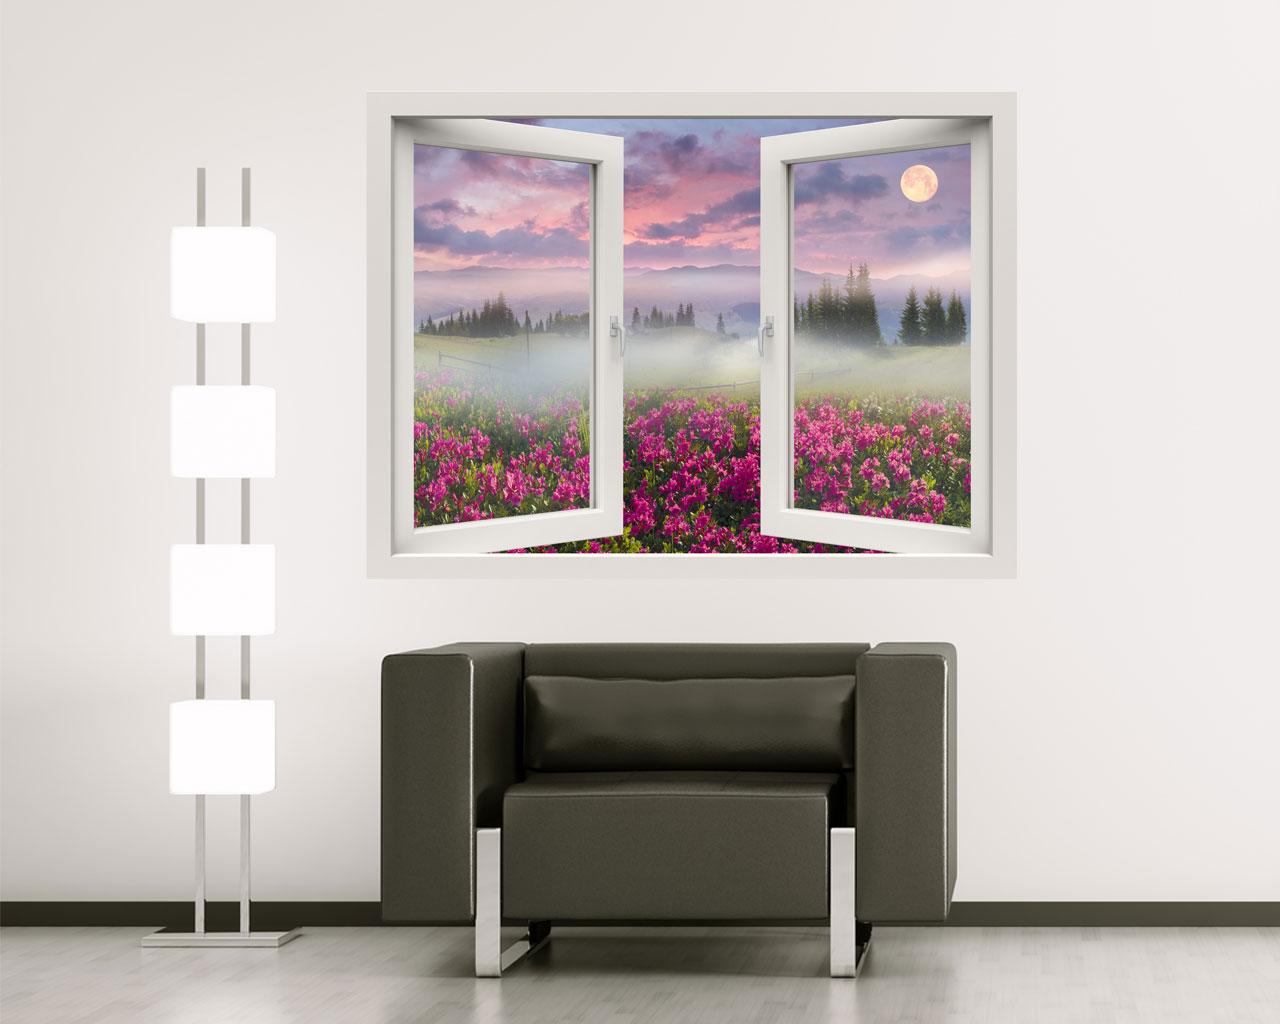 Alba sulle azalee natura finestra illusione interni decori adesivi murali wall - Quadri con finestre ...